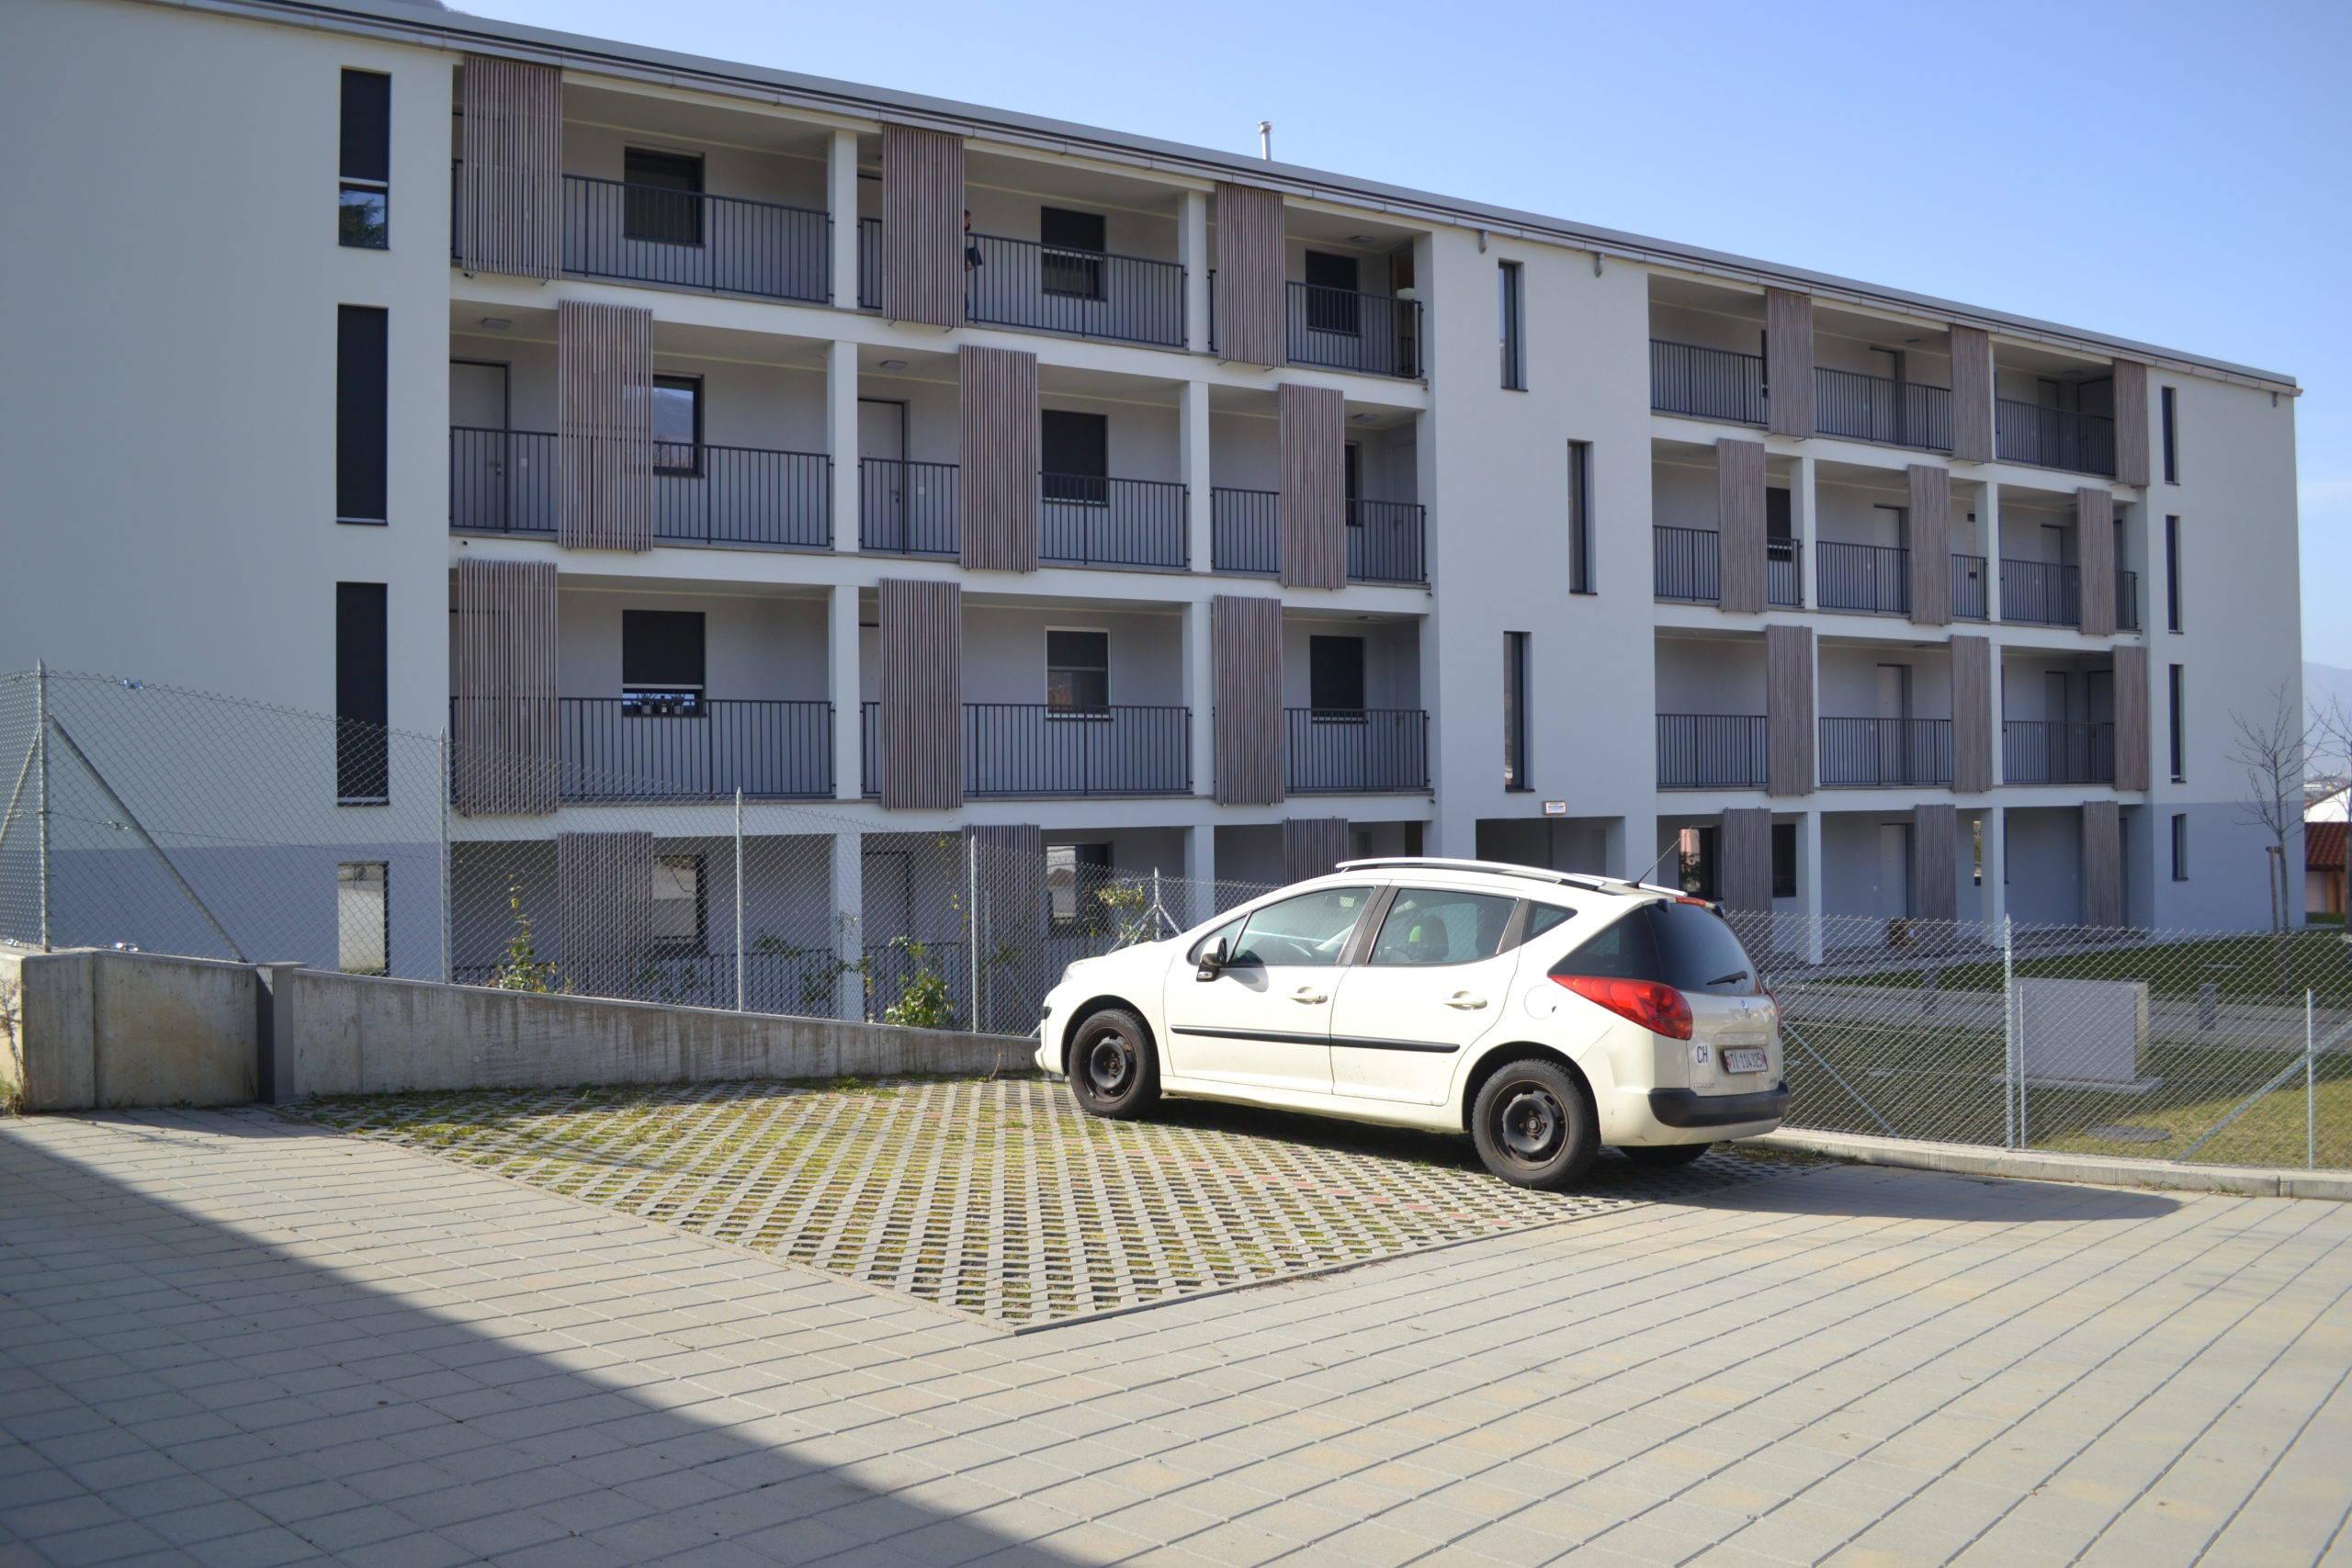 Cadenazzo – Appartamento al 3° Piano con Balcone